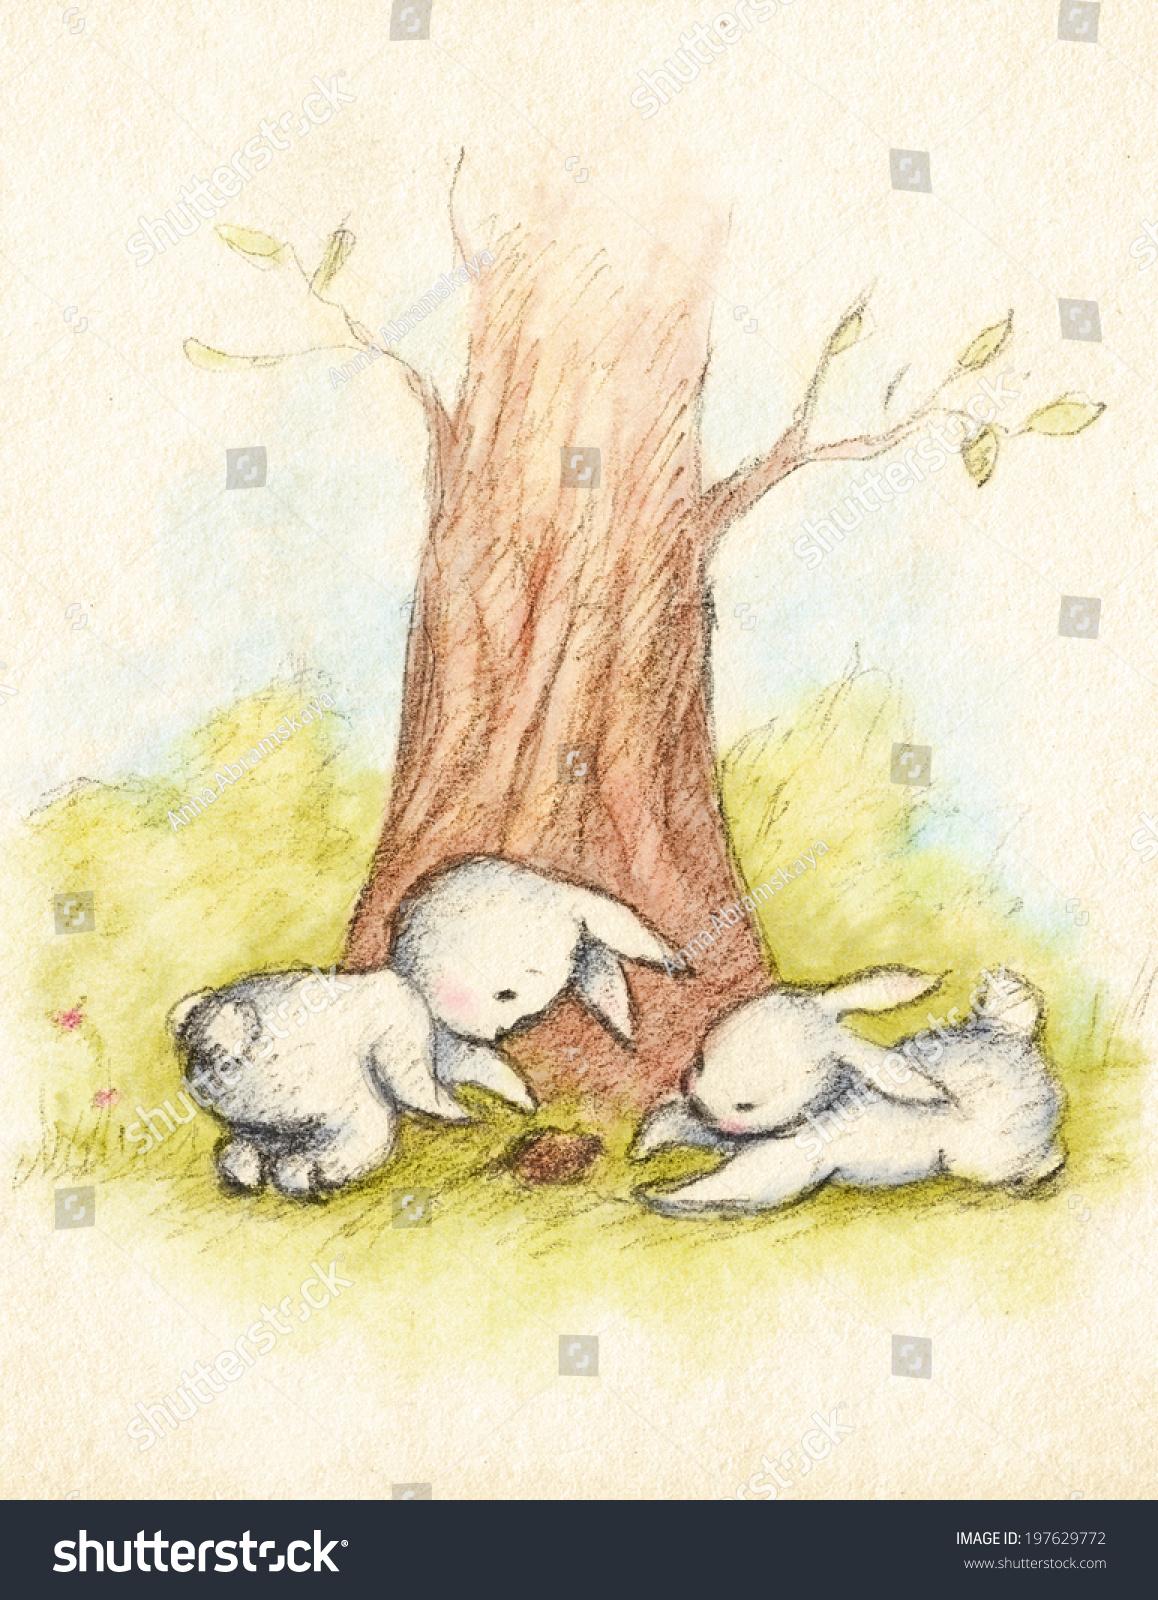 画两个小兔子在树下-动物/野生生物